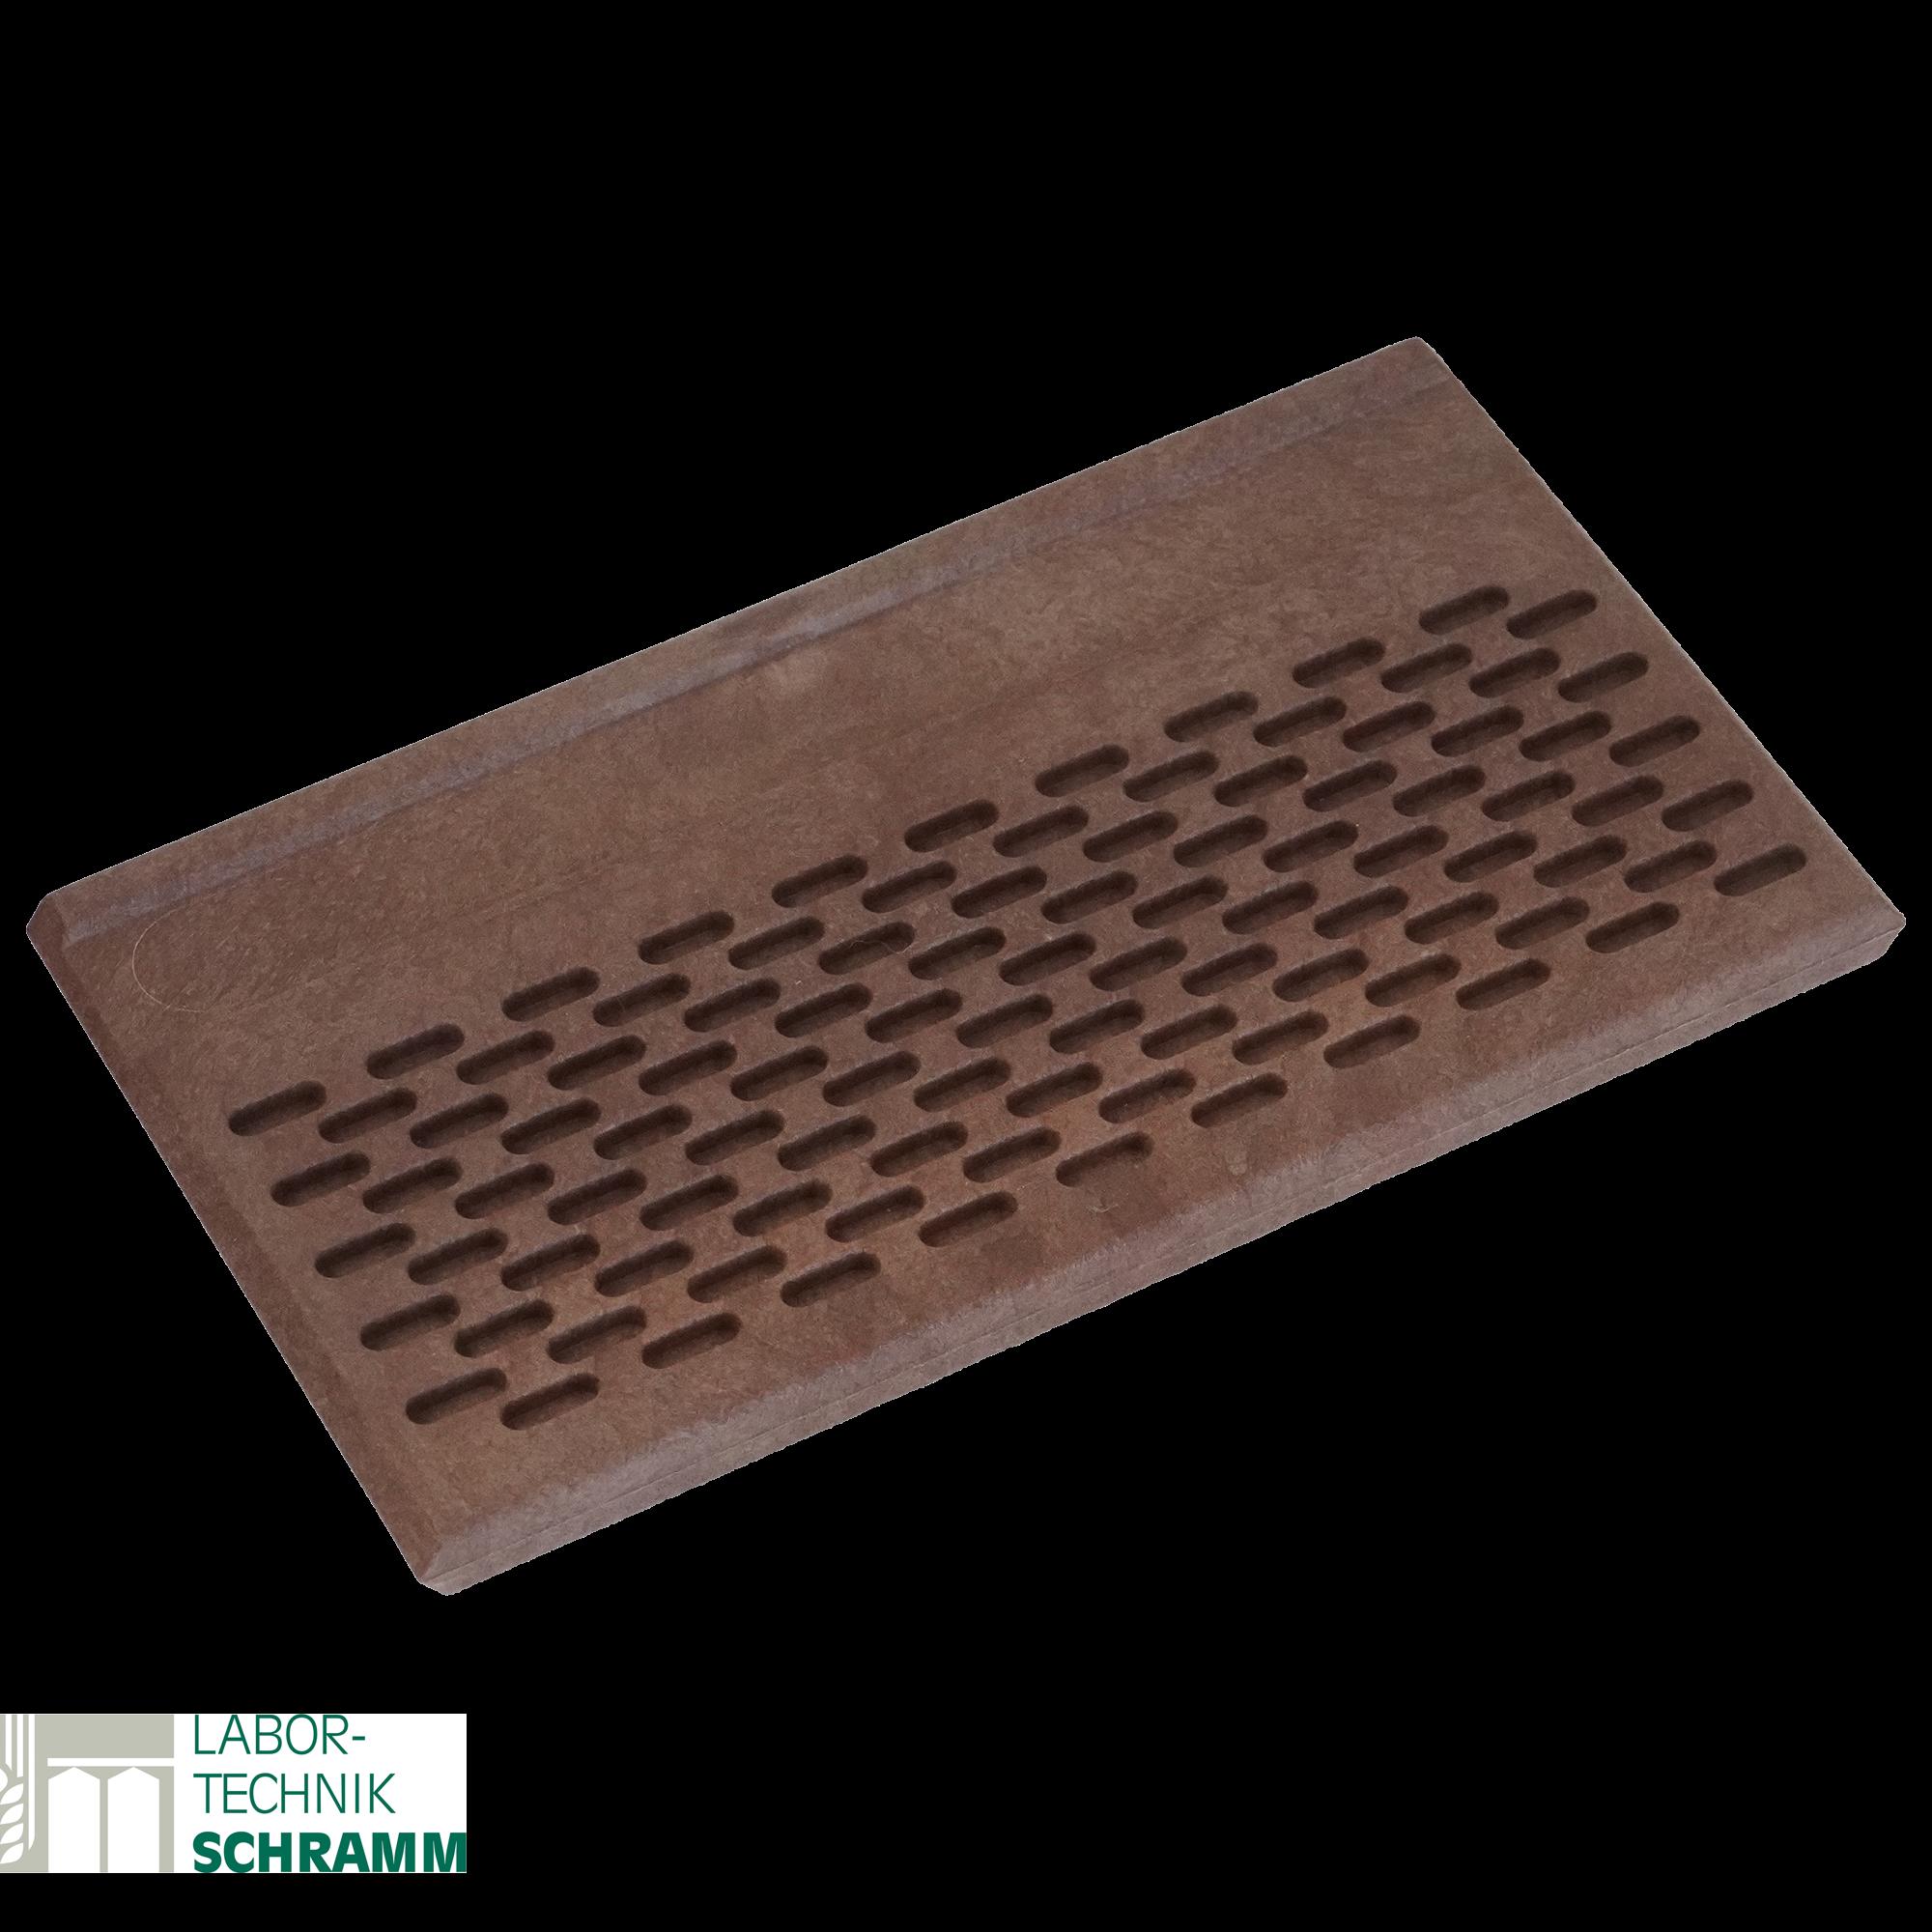 Körnerzählbrett aus Kunststoff 16x9 cm  mit 100 Löcher